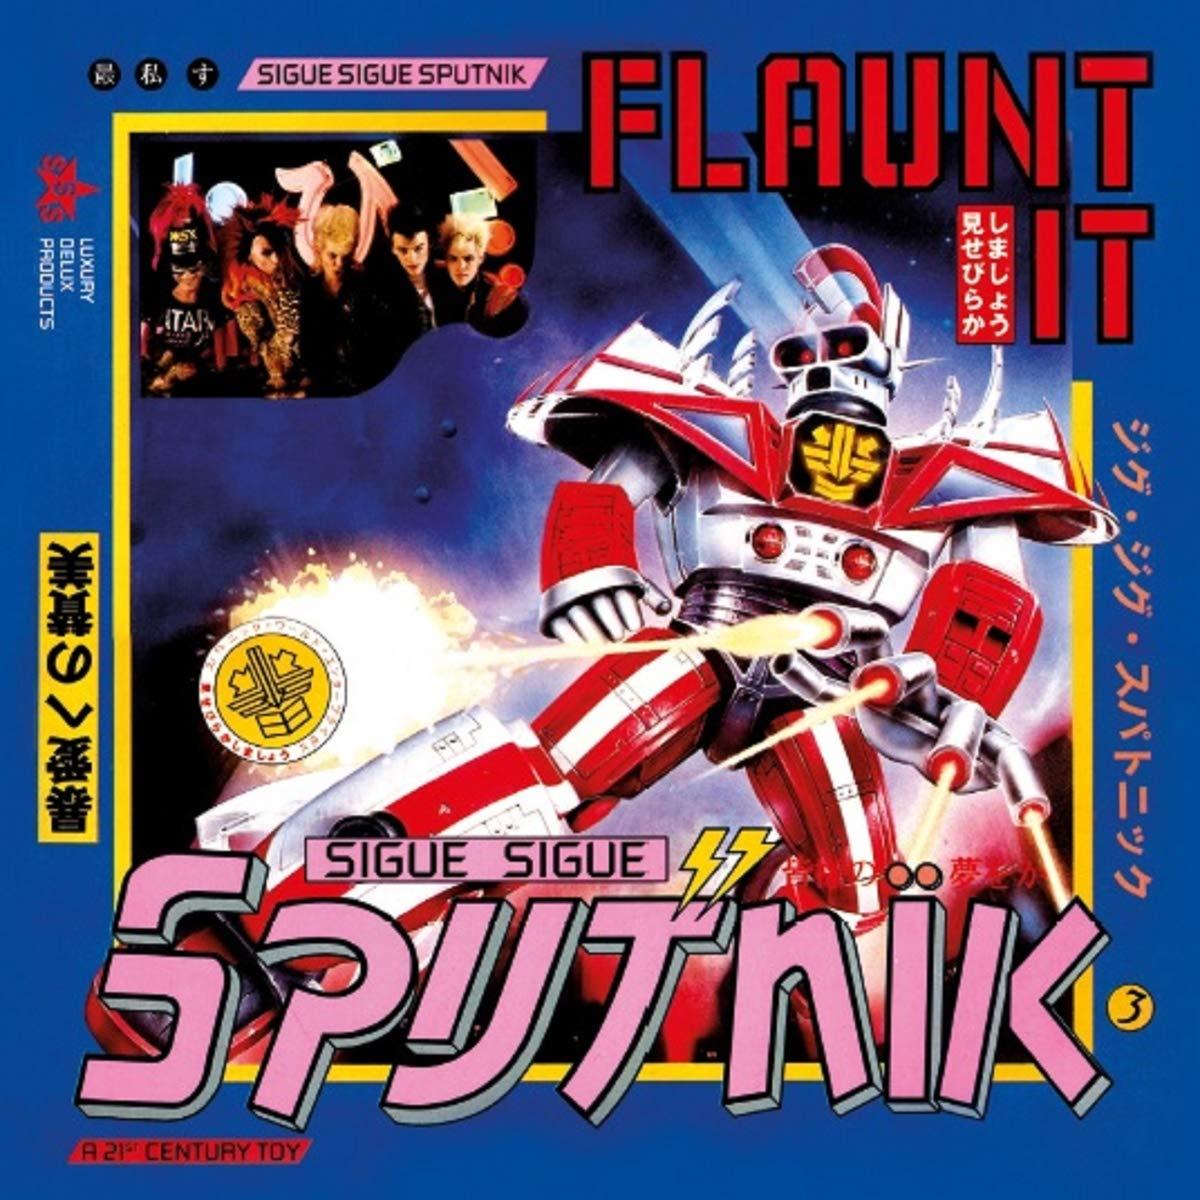 Sigue Sigue Sputnik – Flaunt It (2020) [FLAC]